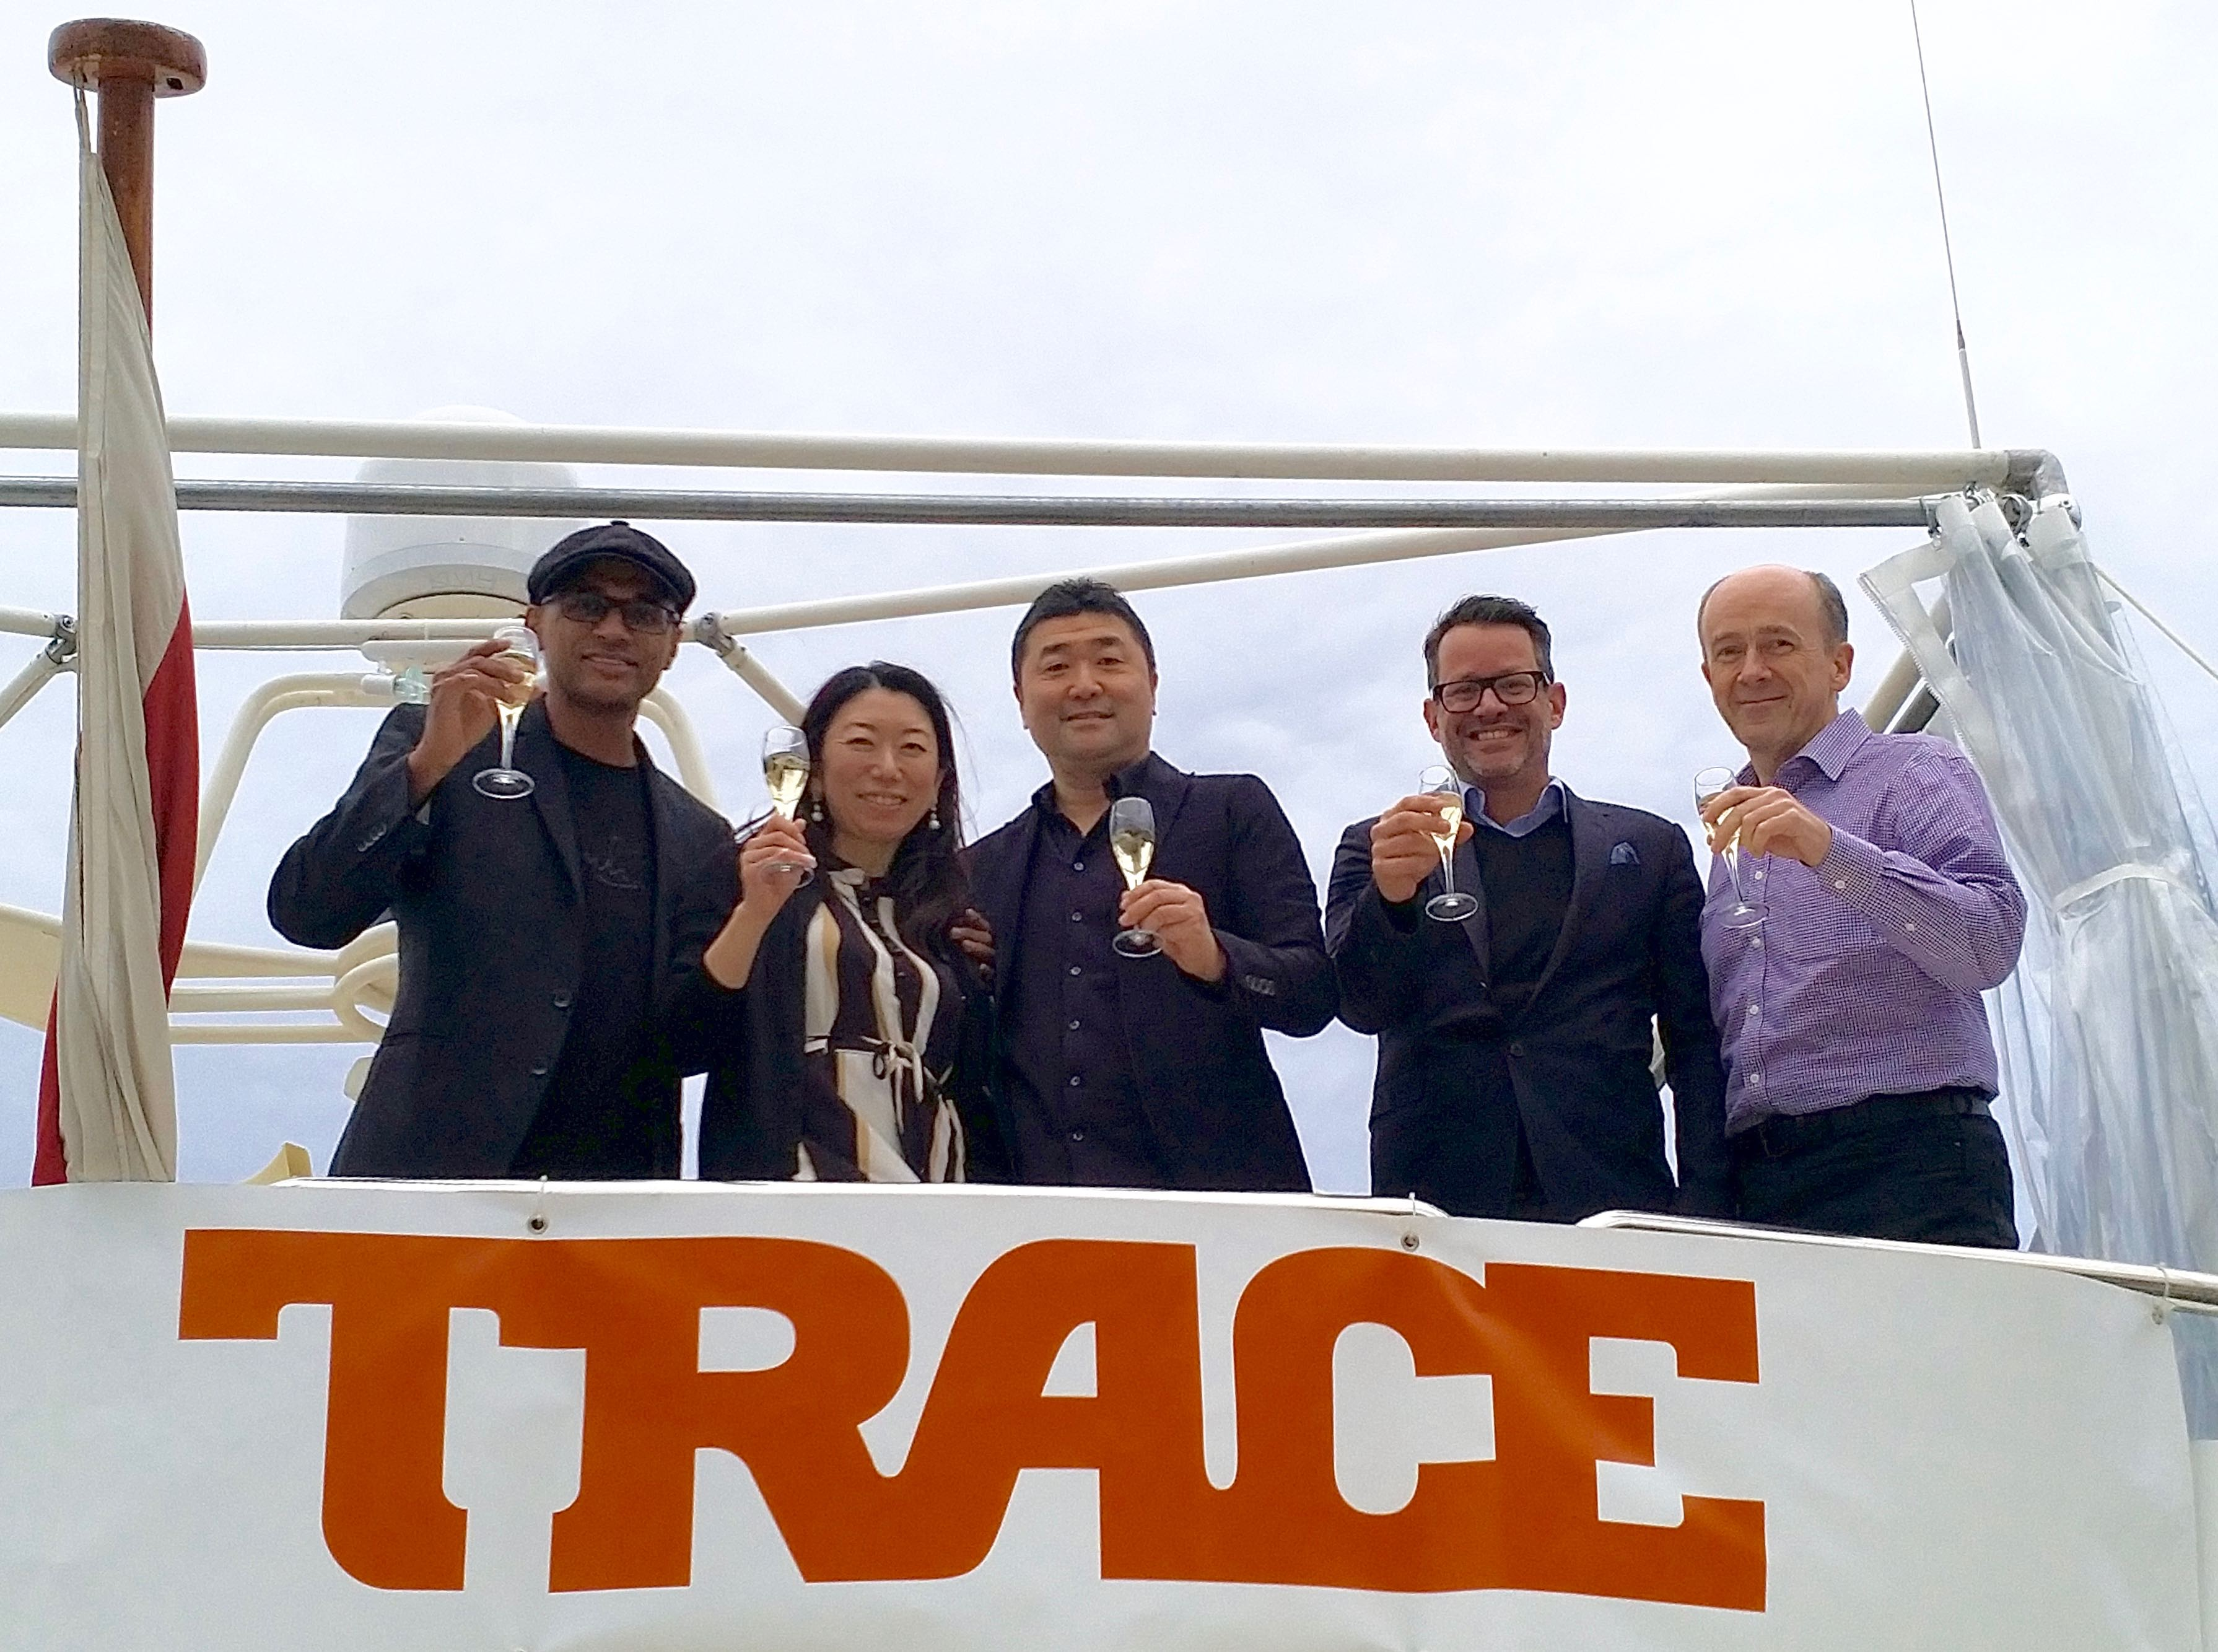 TRACE lance trois chaînes au Japon